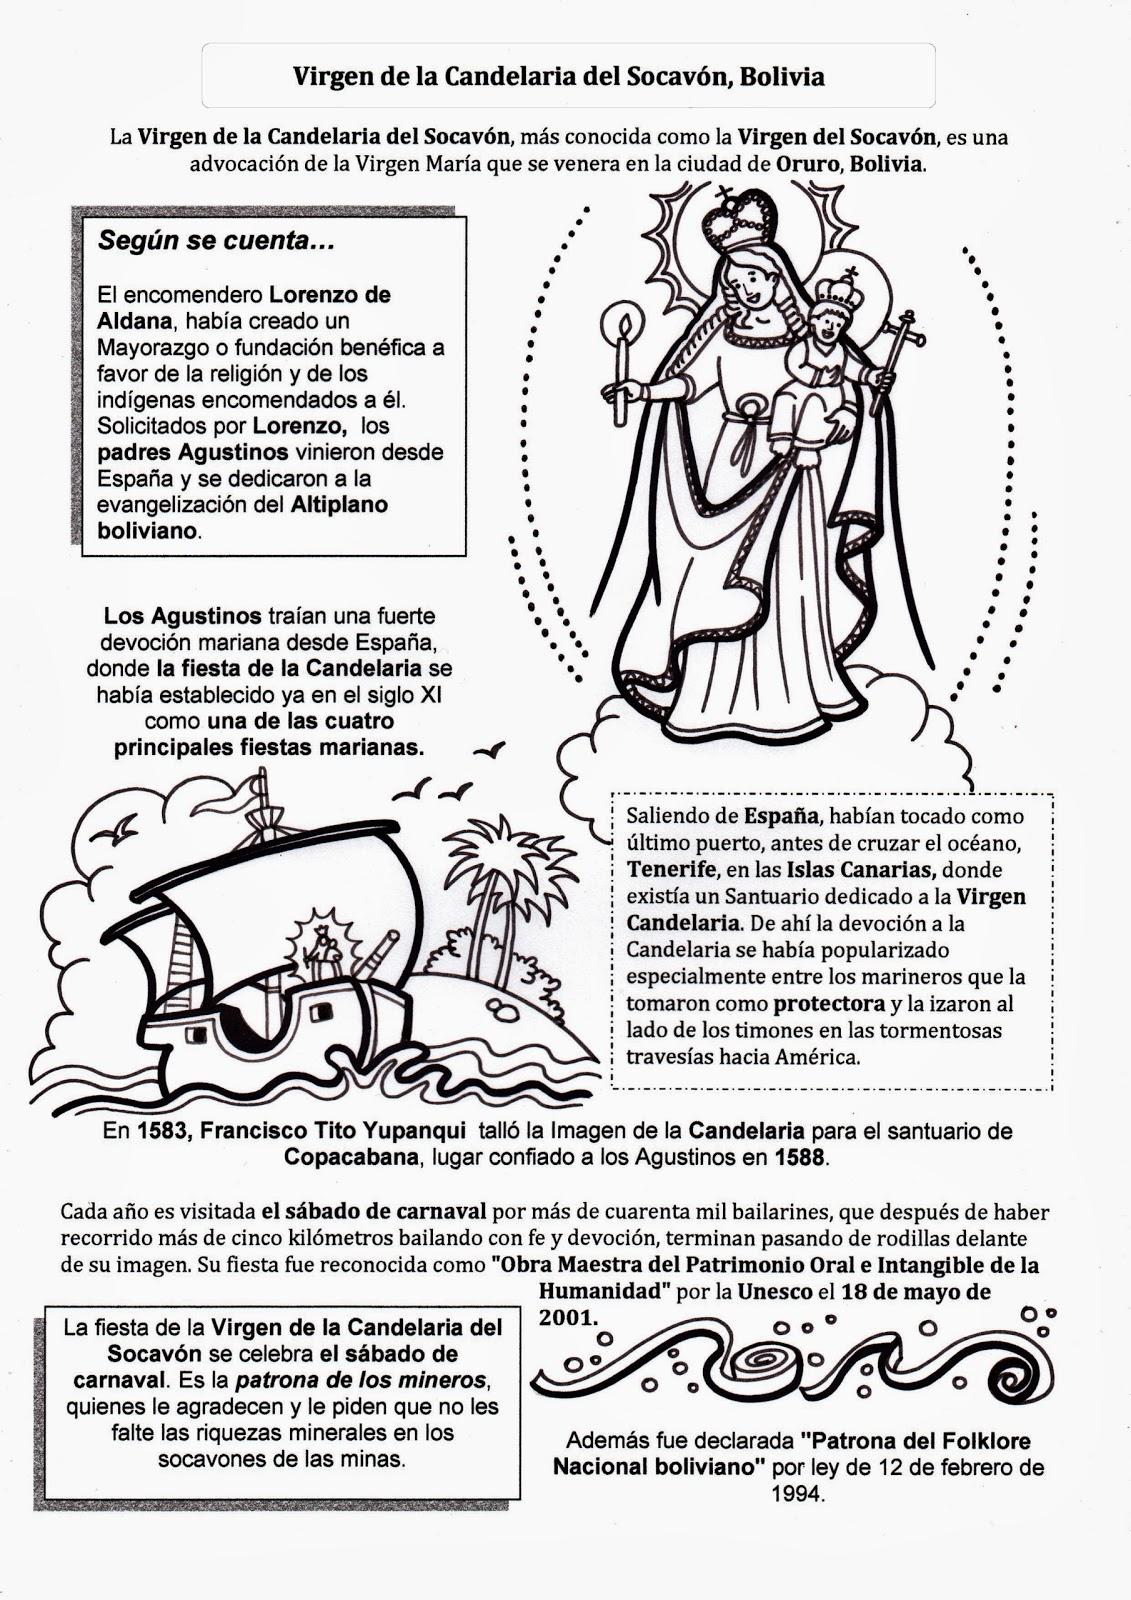 El Rincón de las Melli: Virgen de la Candelaria del Socavón, Bolivia